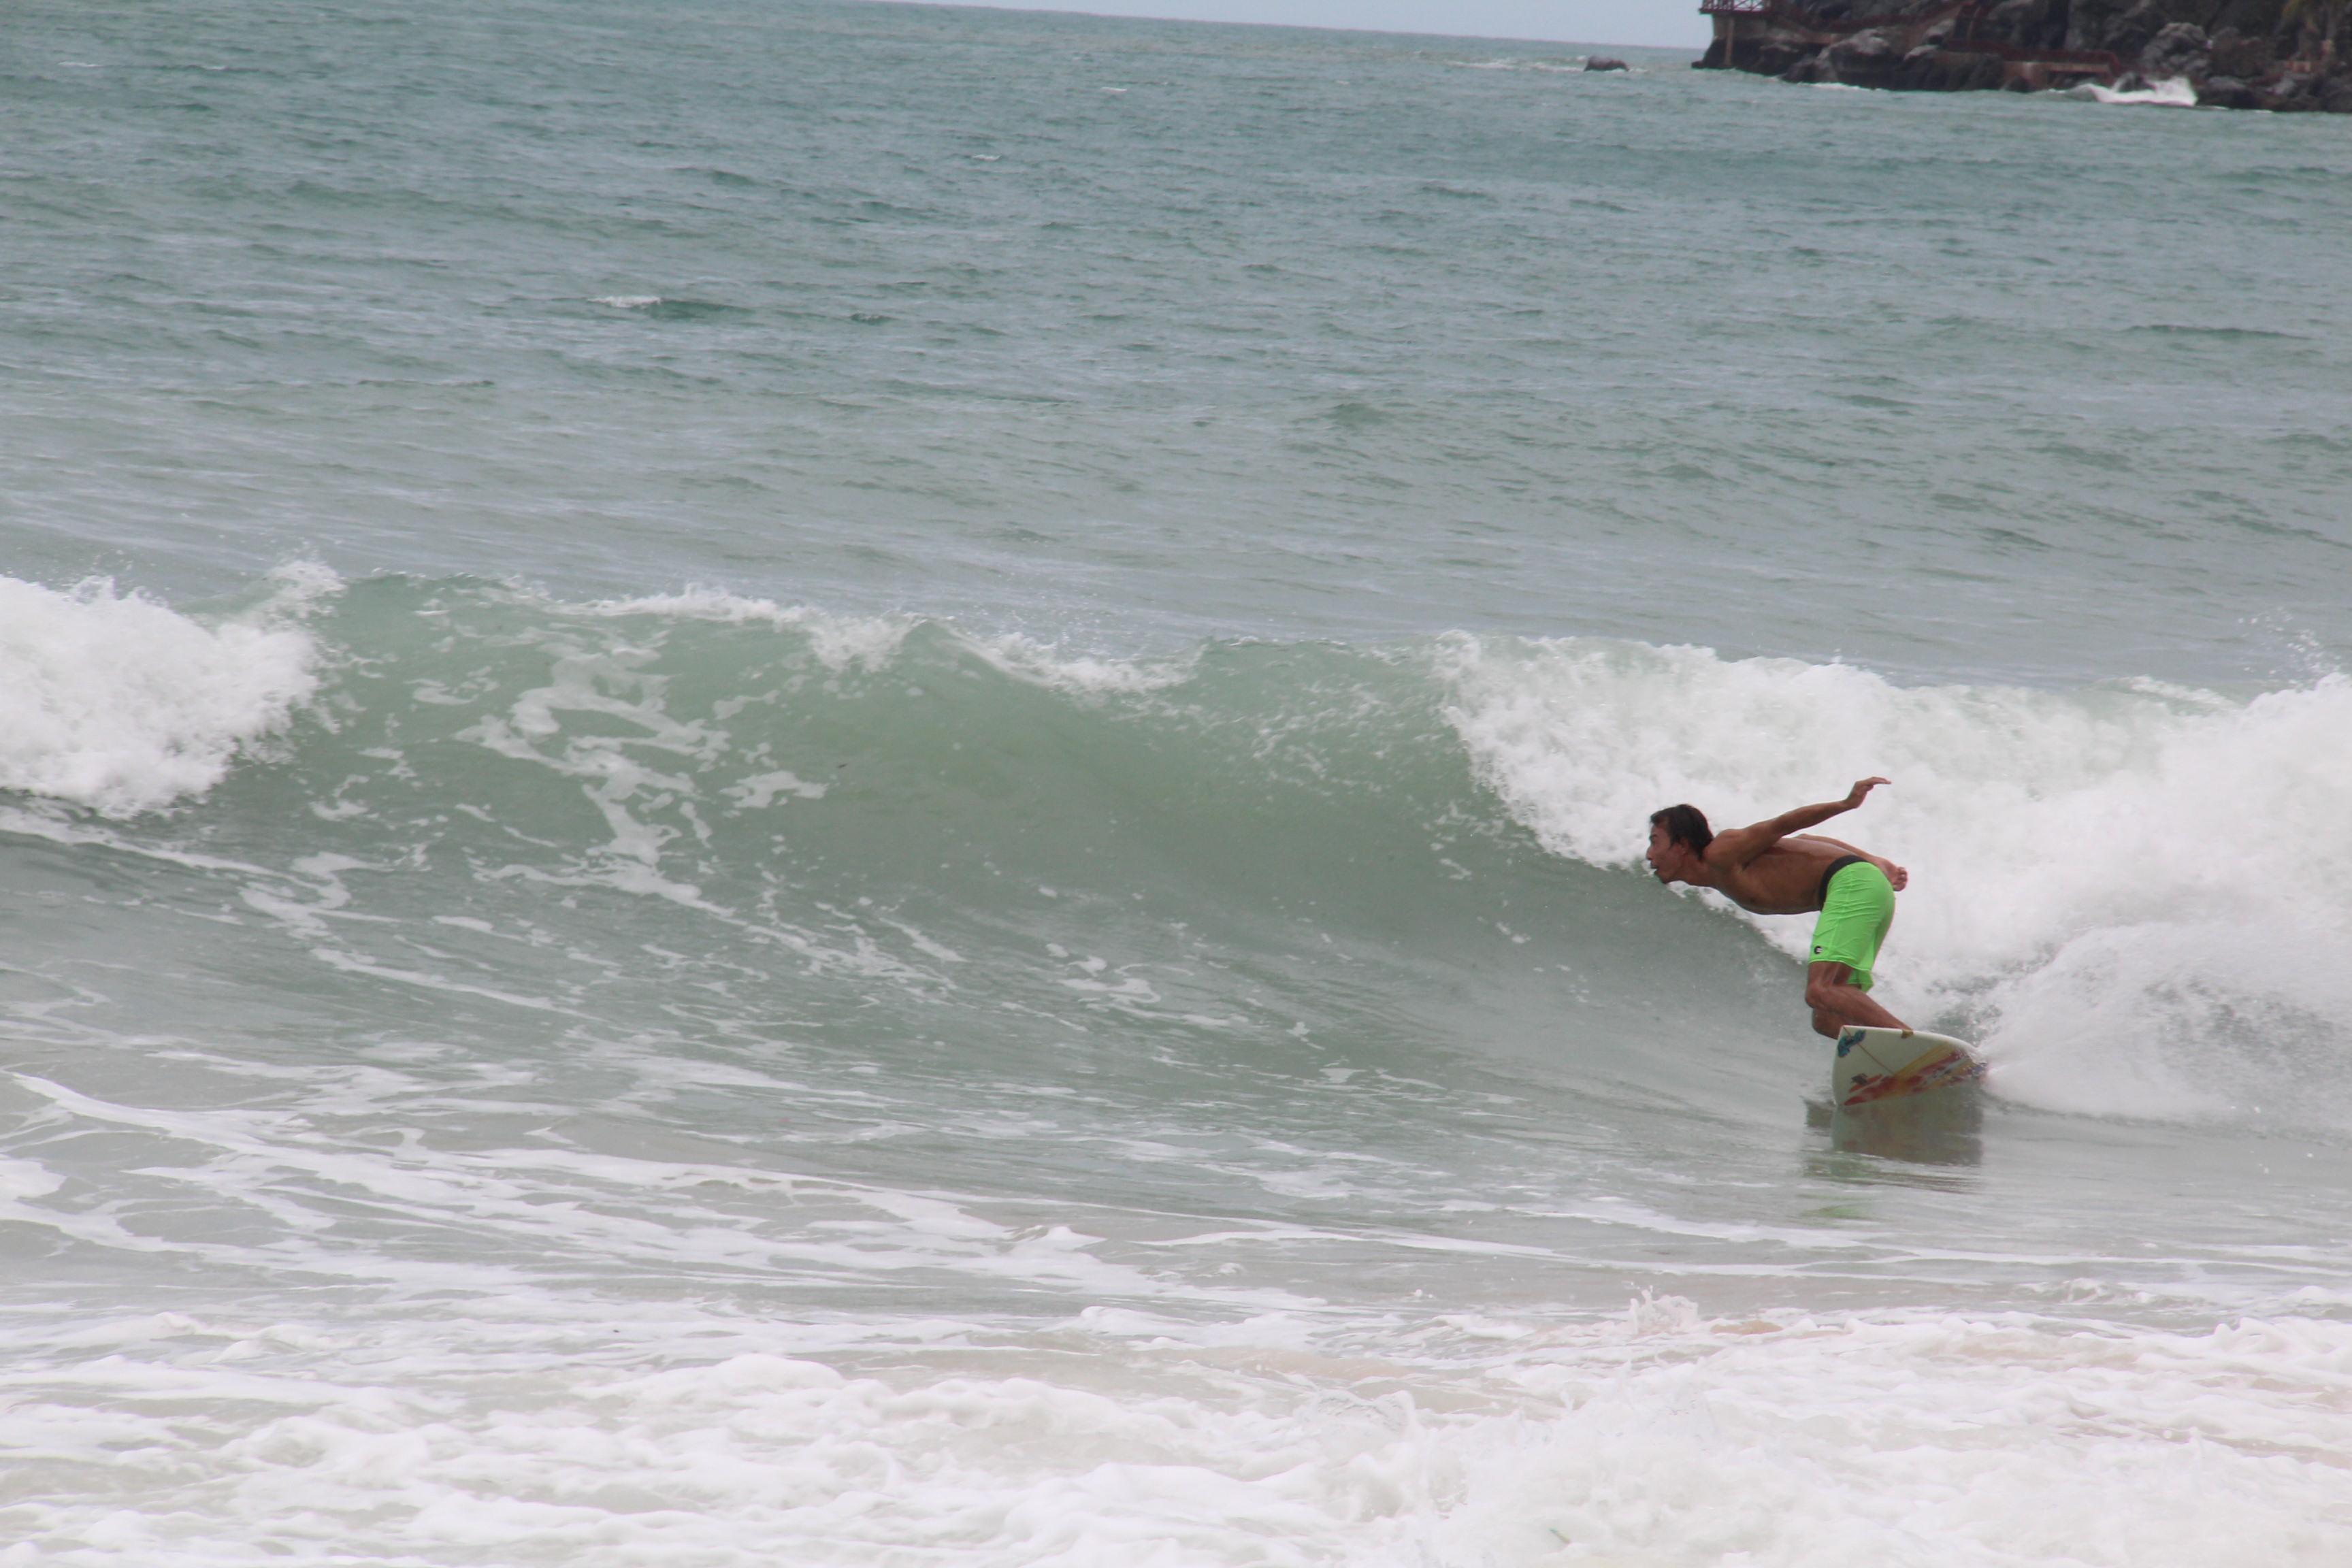 虎扑专访冲浪手铁桩:台风中逐浪的蒙古汉子